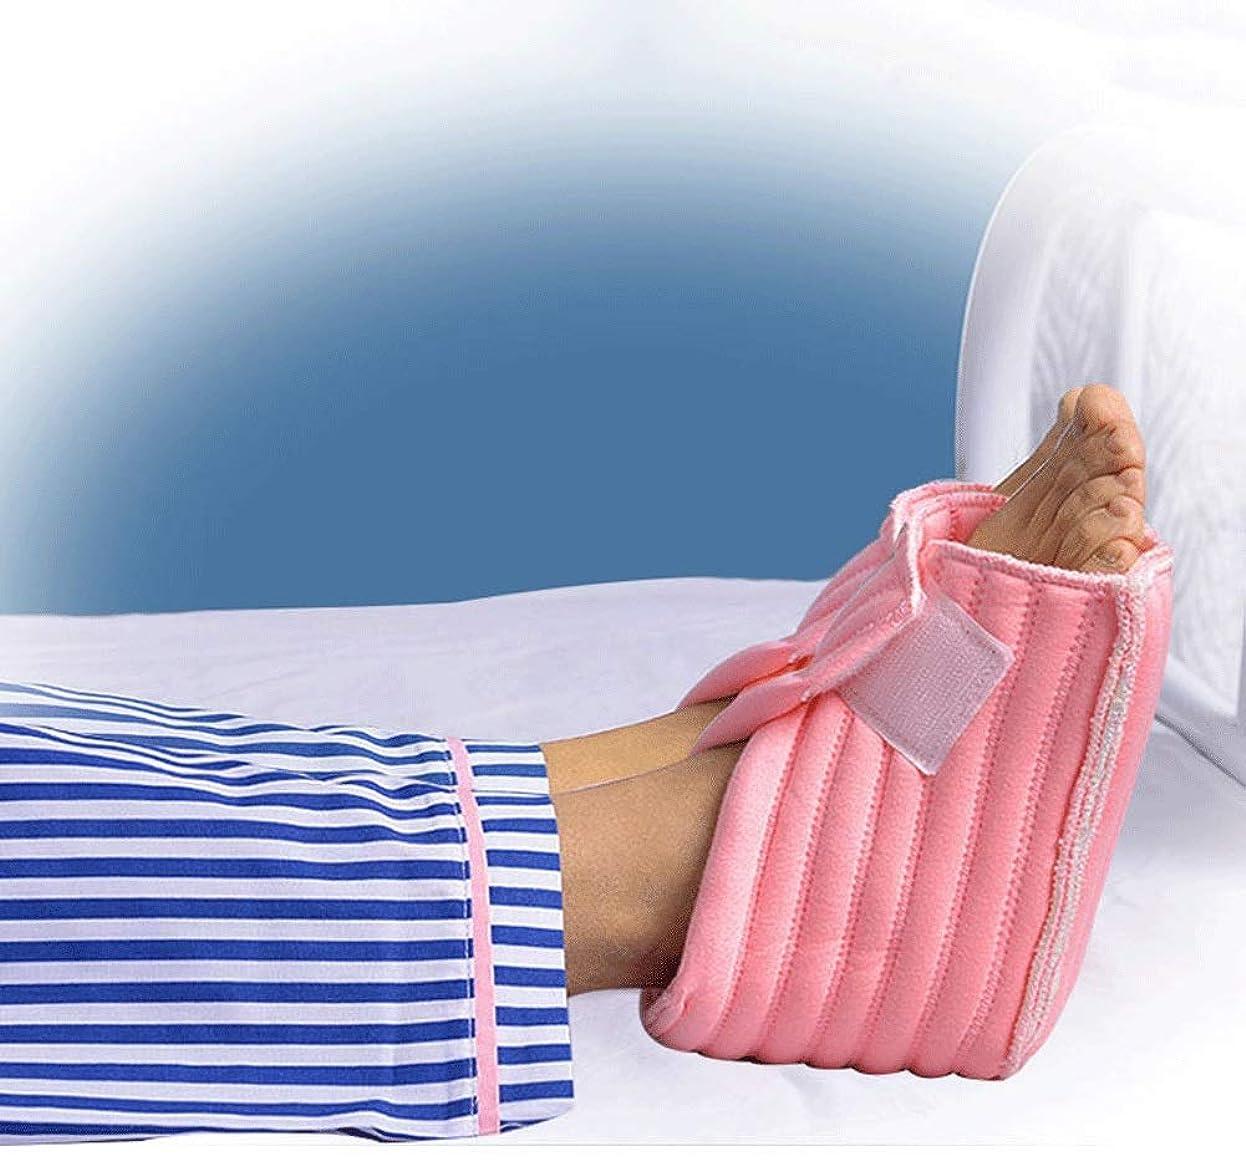 間違っている間接的めるかかとプロテクター枕、Pressure瘡の予防のための足枕かかとクッションプロテクター、高齢者の足補正カバー-ワンサイズフィットすべて-1ペア